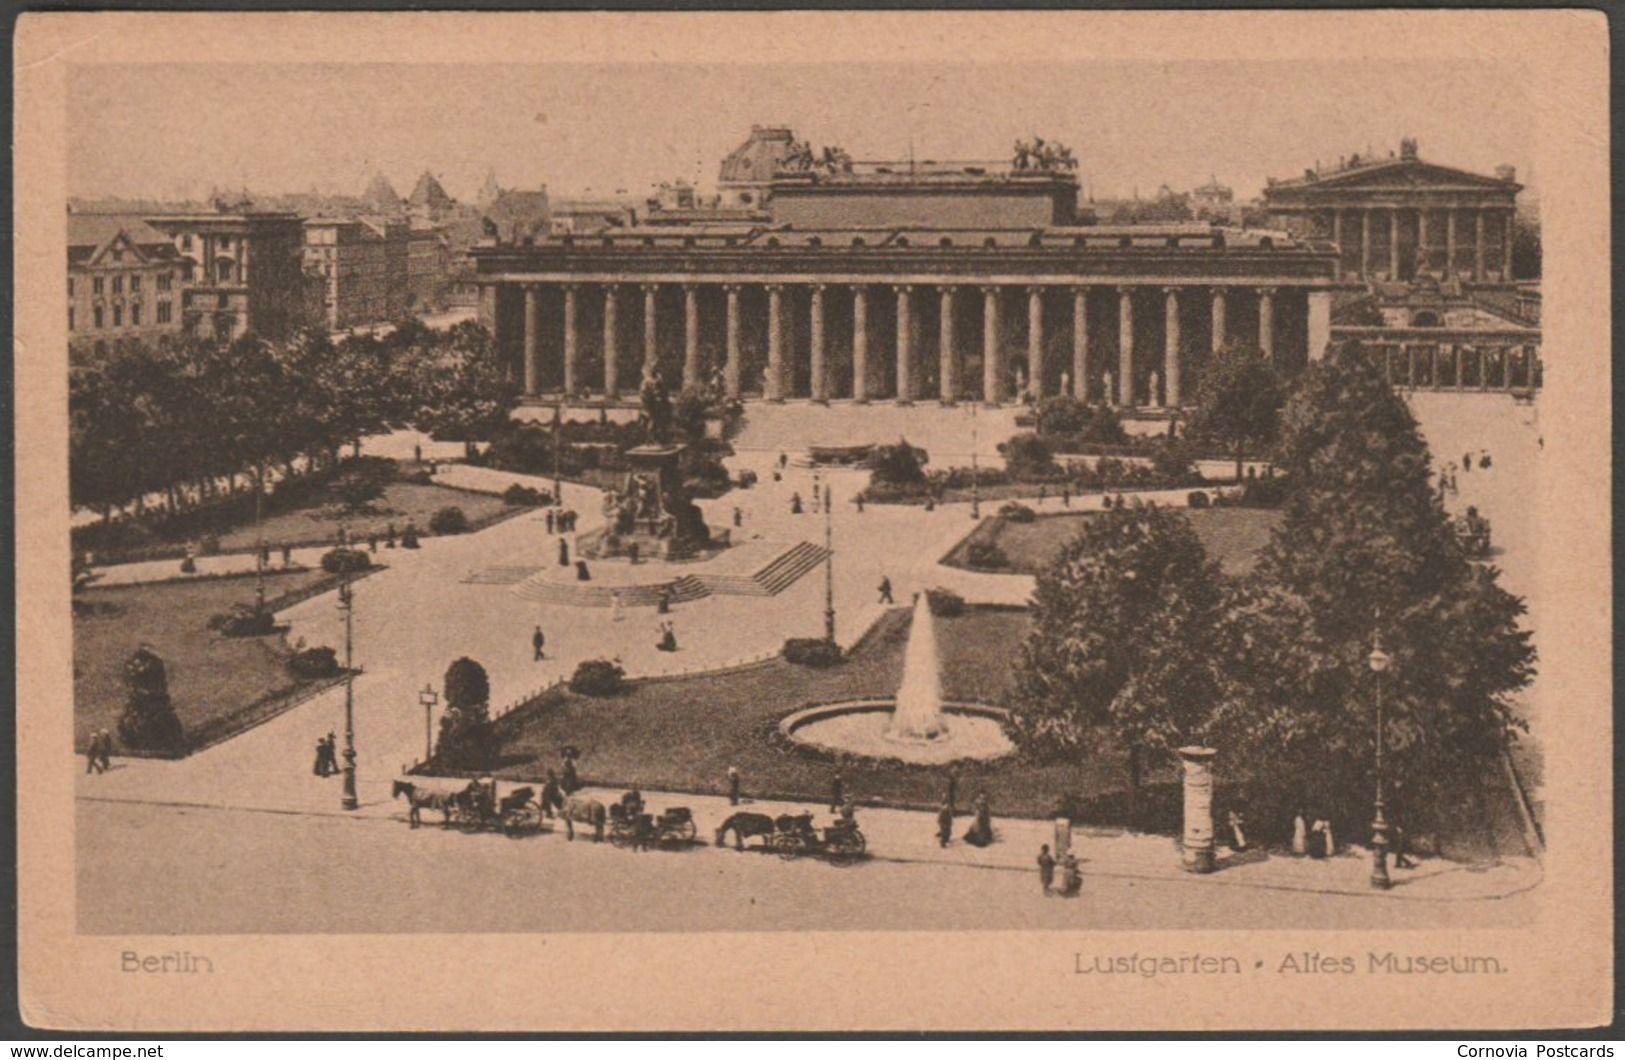 Lustgarten Und Altes Museum Berlin Deutschland C 1920 Jwb Ak Item Number 555794165 Postcards For Sale